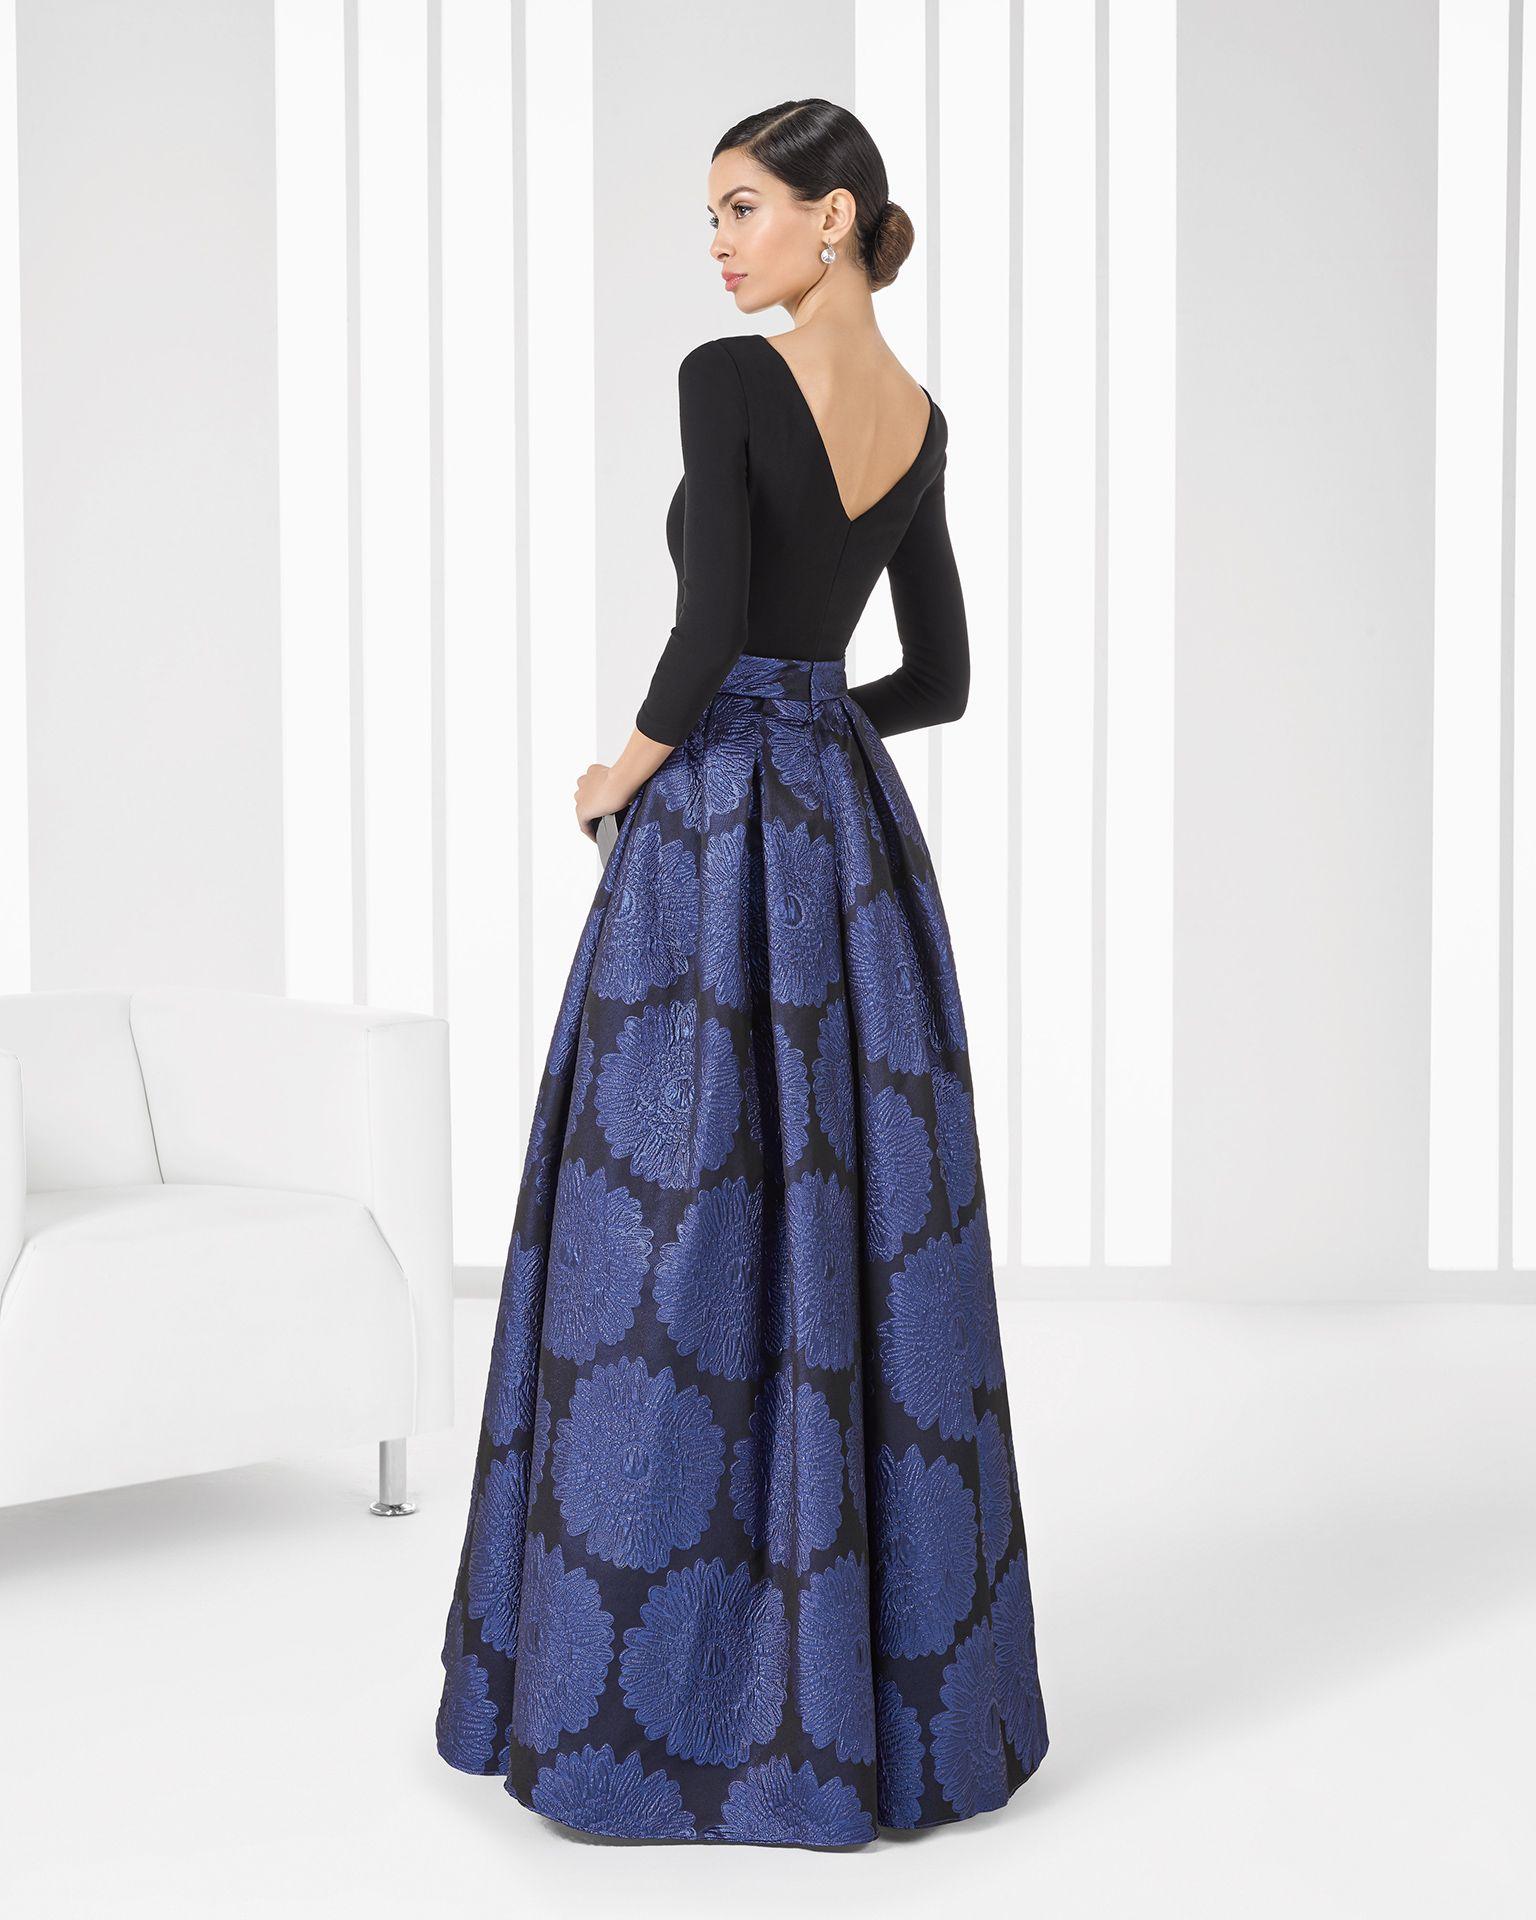 cdd9d06930 9T137 vestido de brocado y crepe. Elegant Cocktail Dress